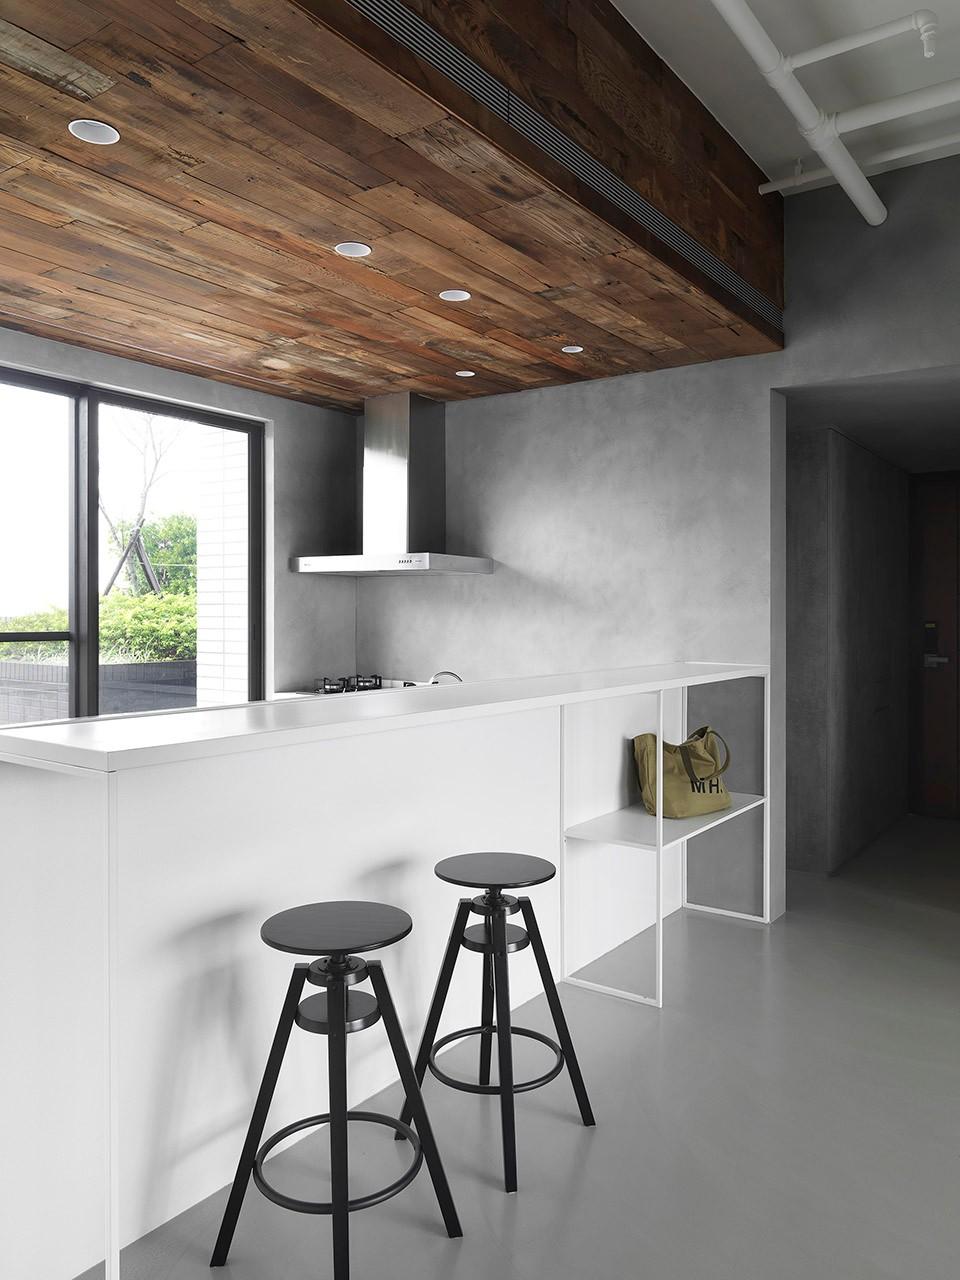 2020工業廚房裝修圖 2020工業廚房島臺裝飾設計